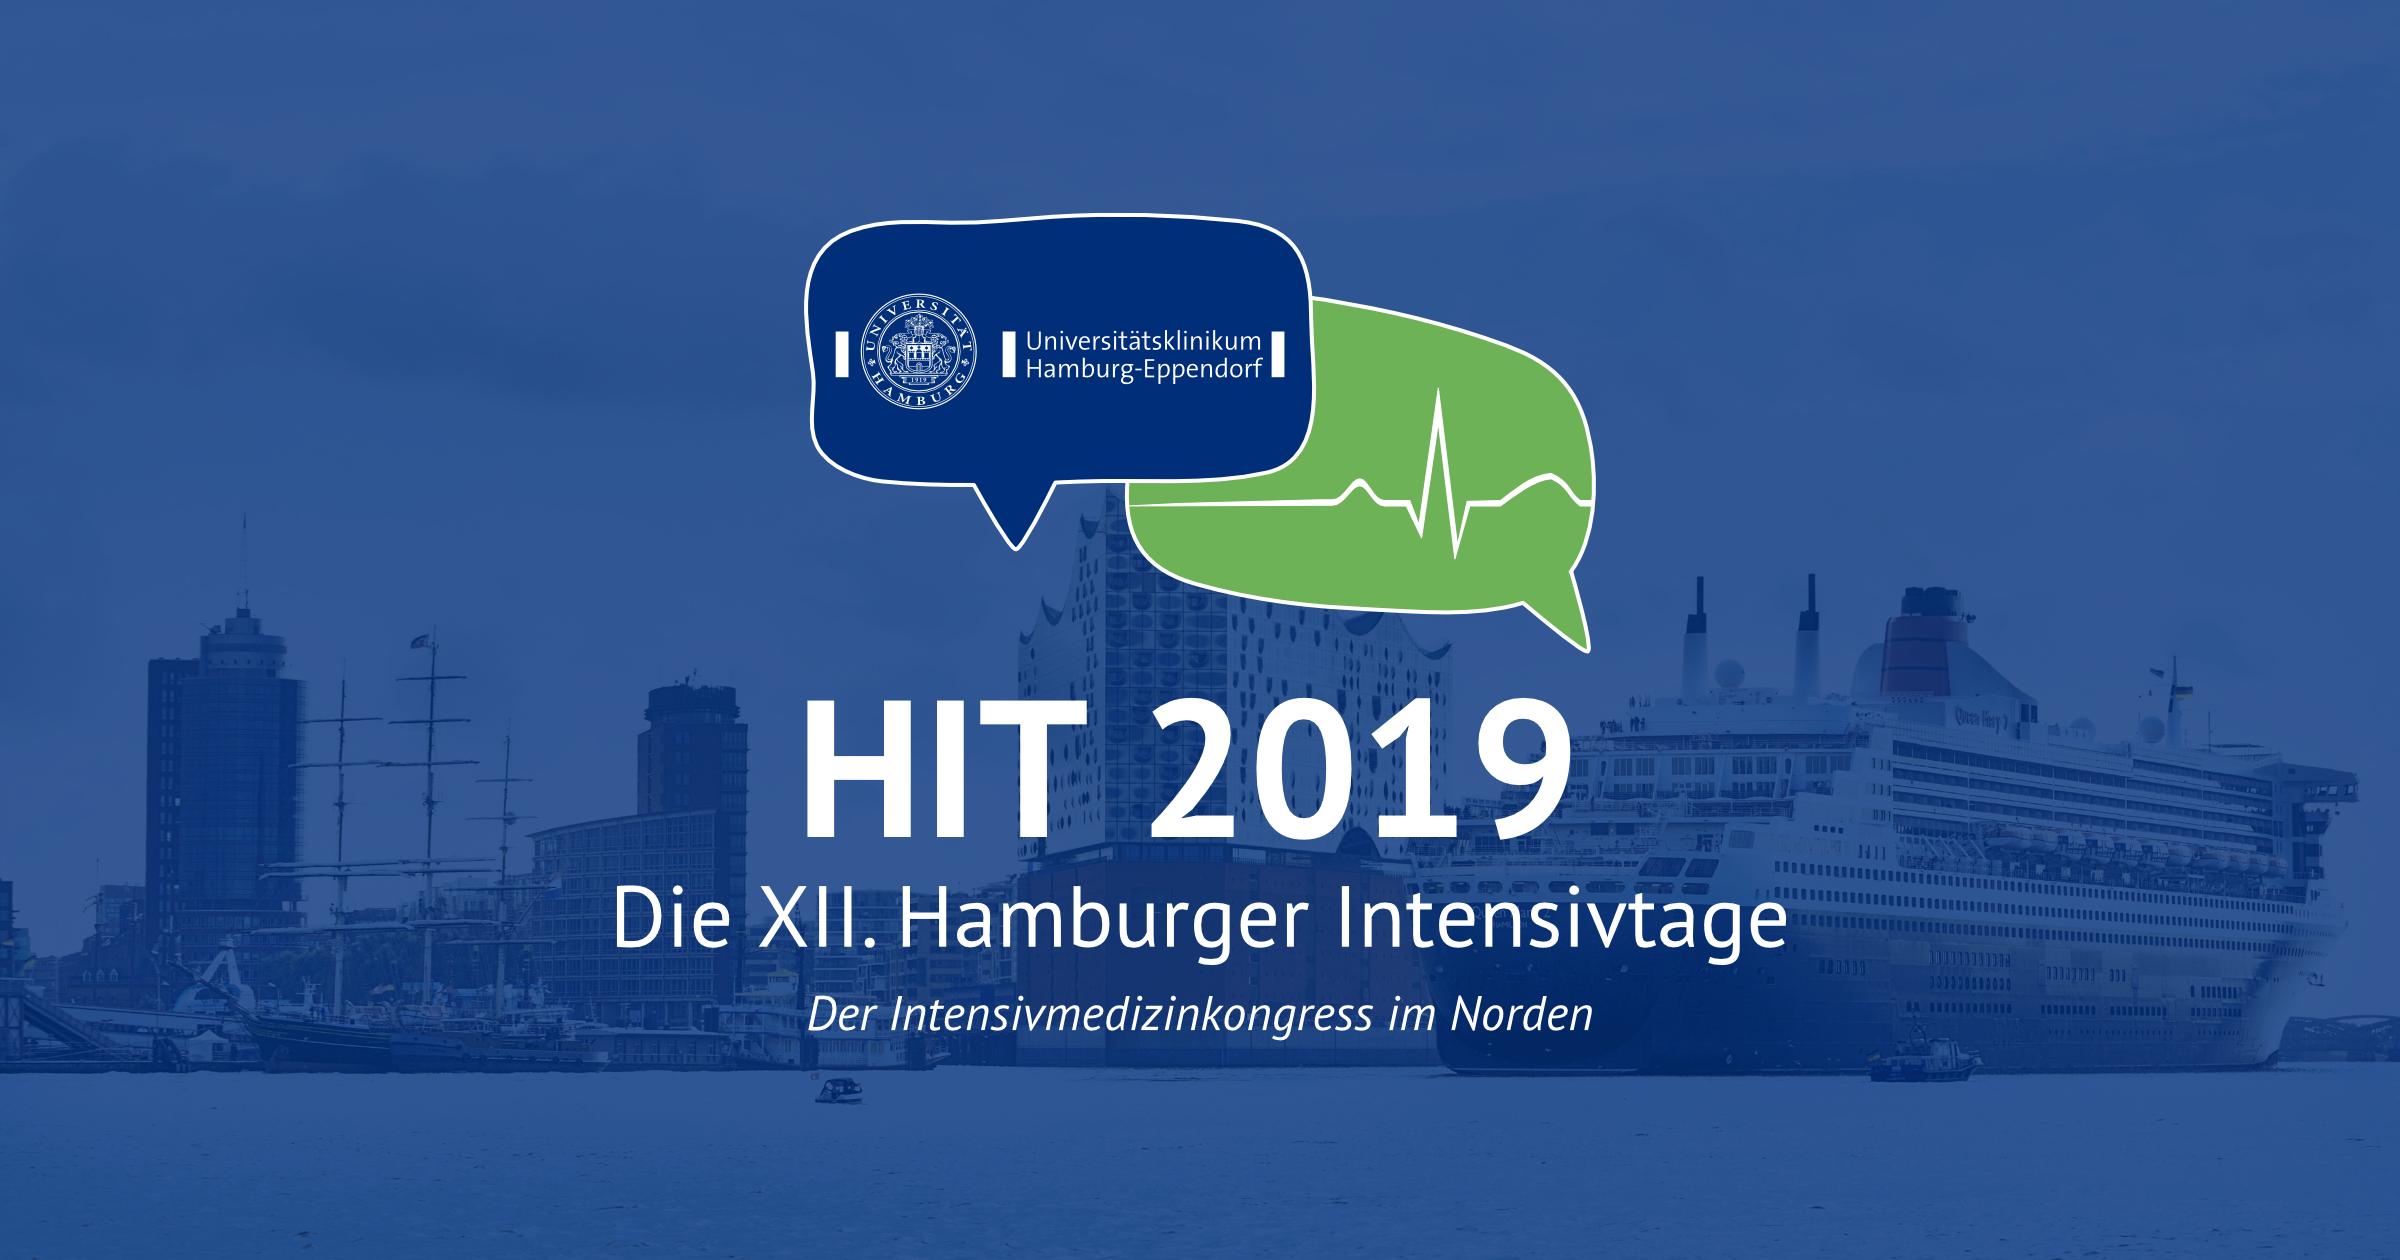 Hit 2019 23 Bis 24 Mai Die Xii Hamburger Intensivtage